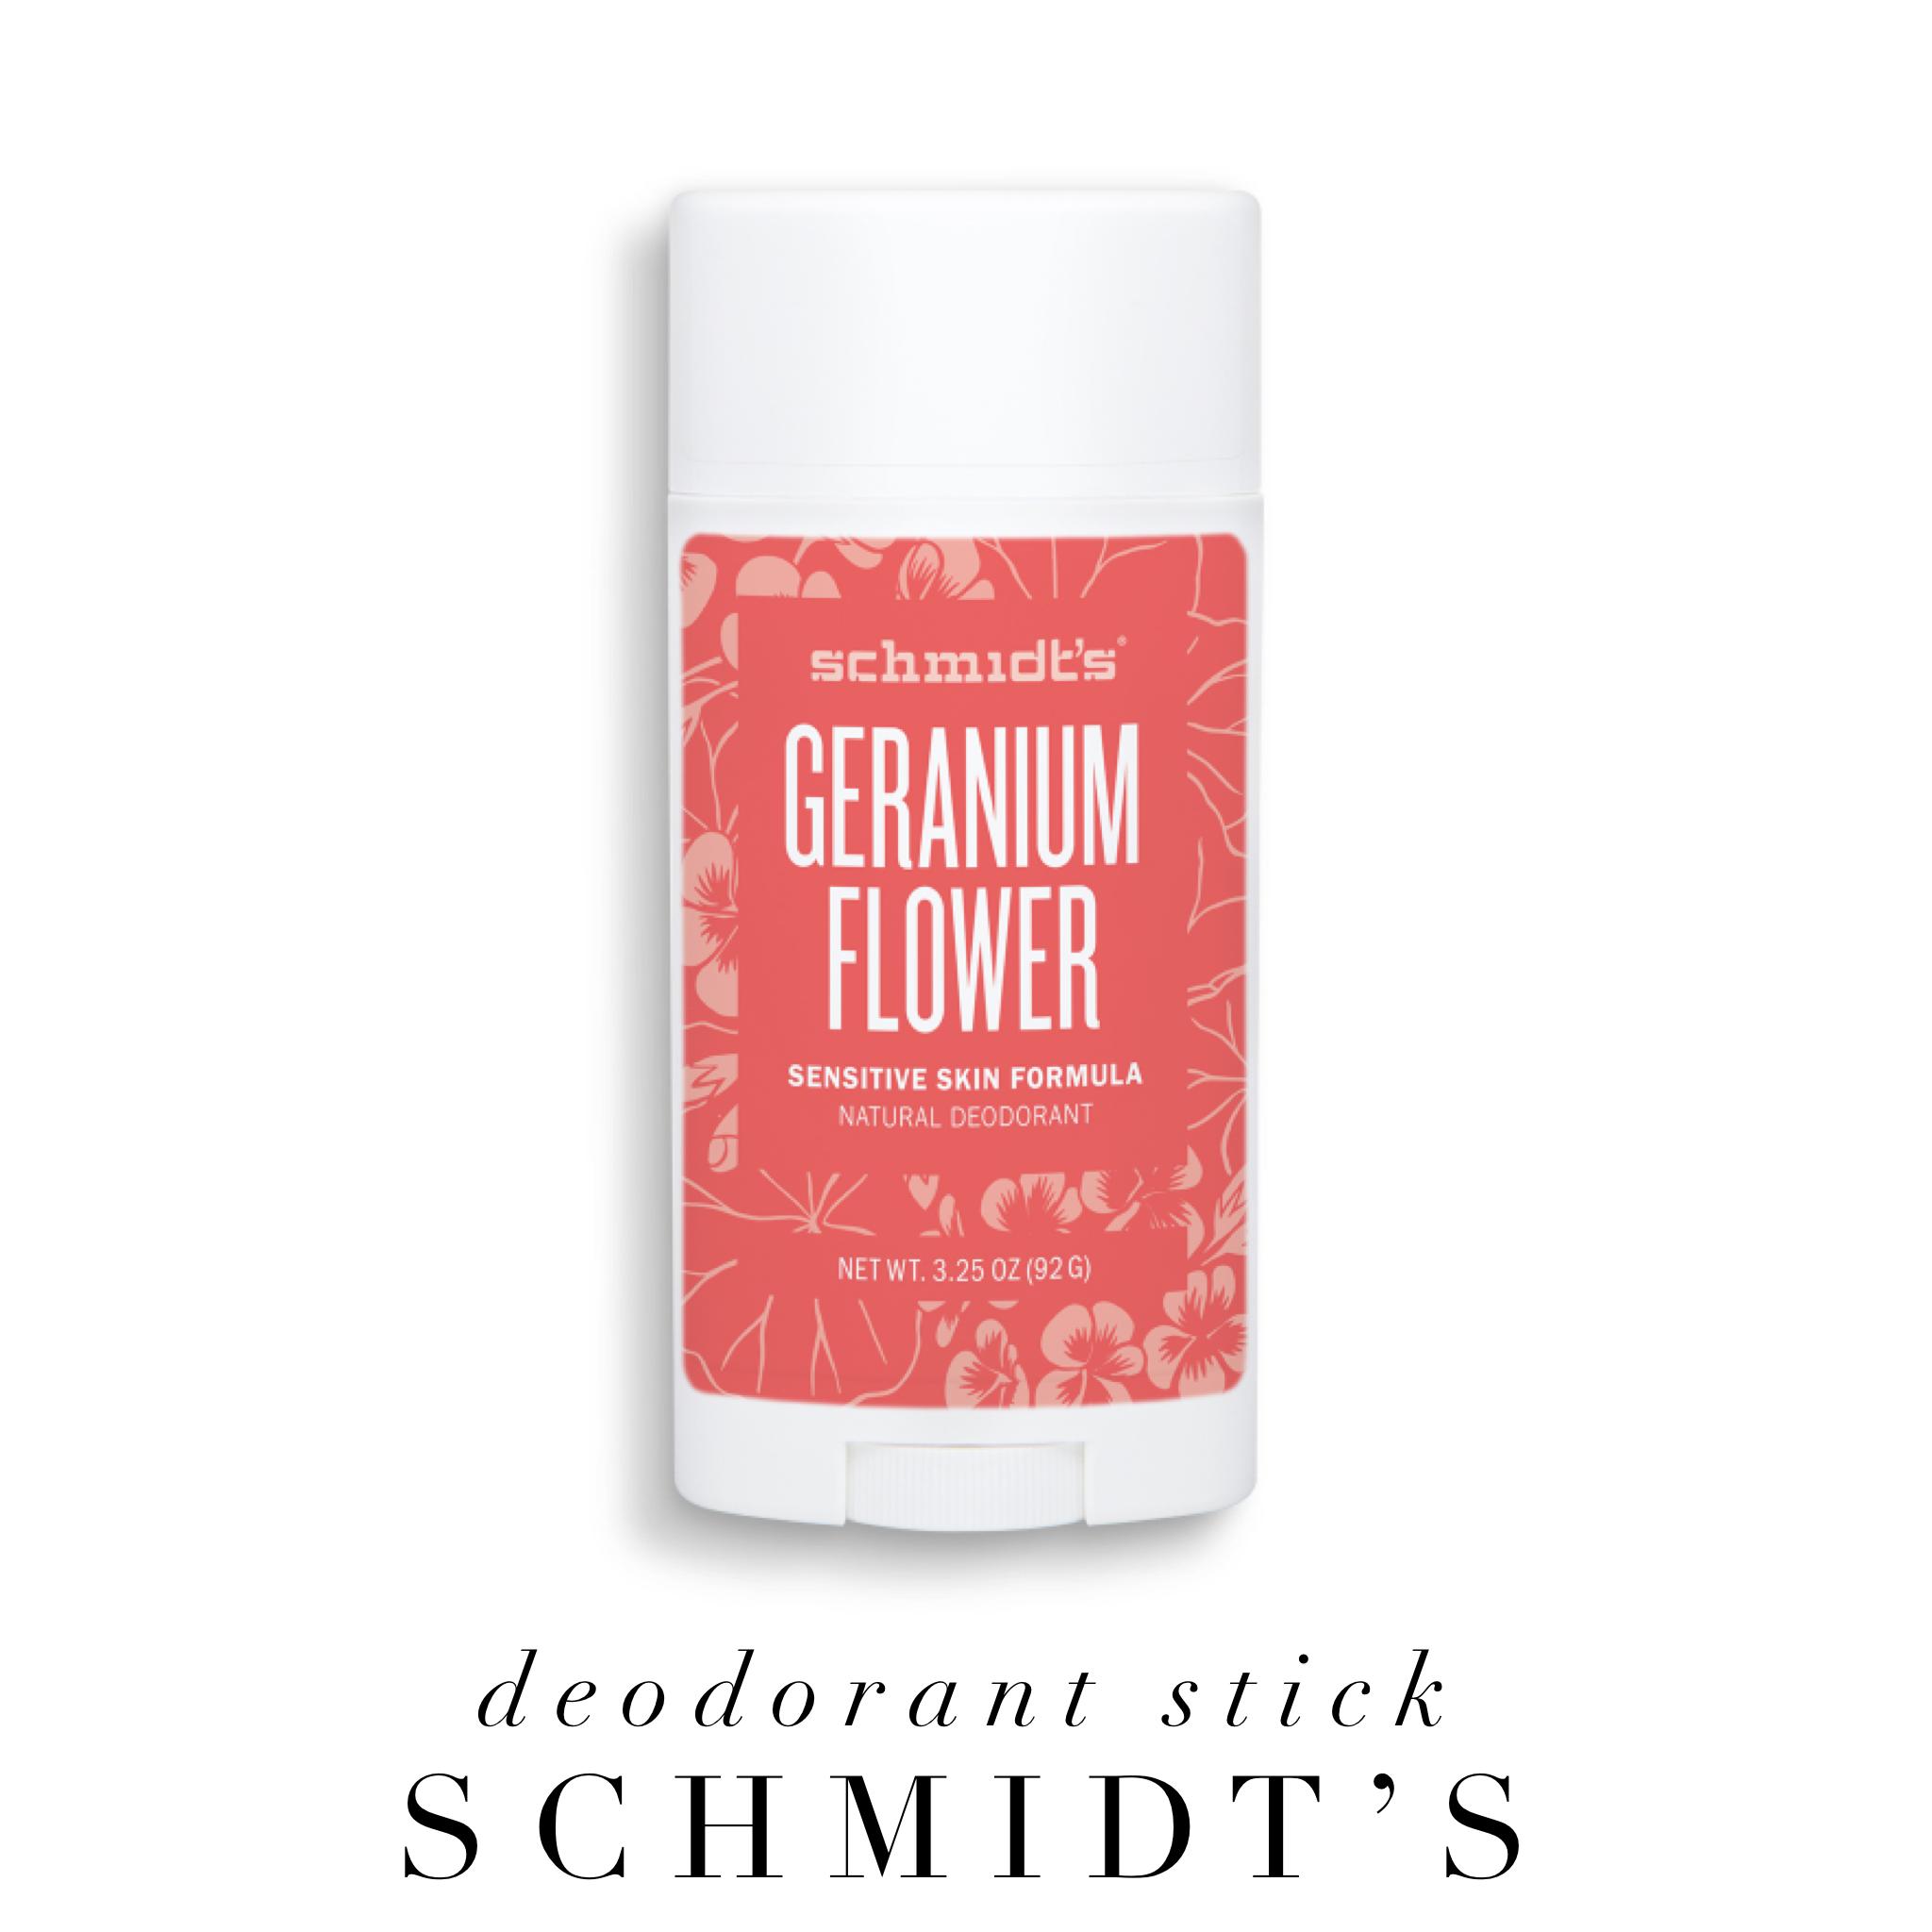 Deodorant stick by Schmidt's